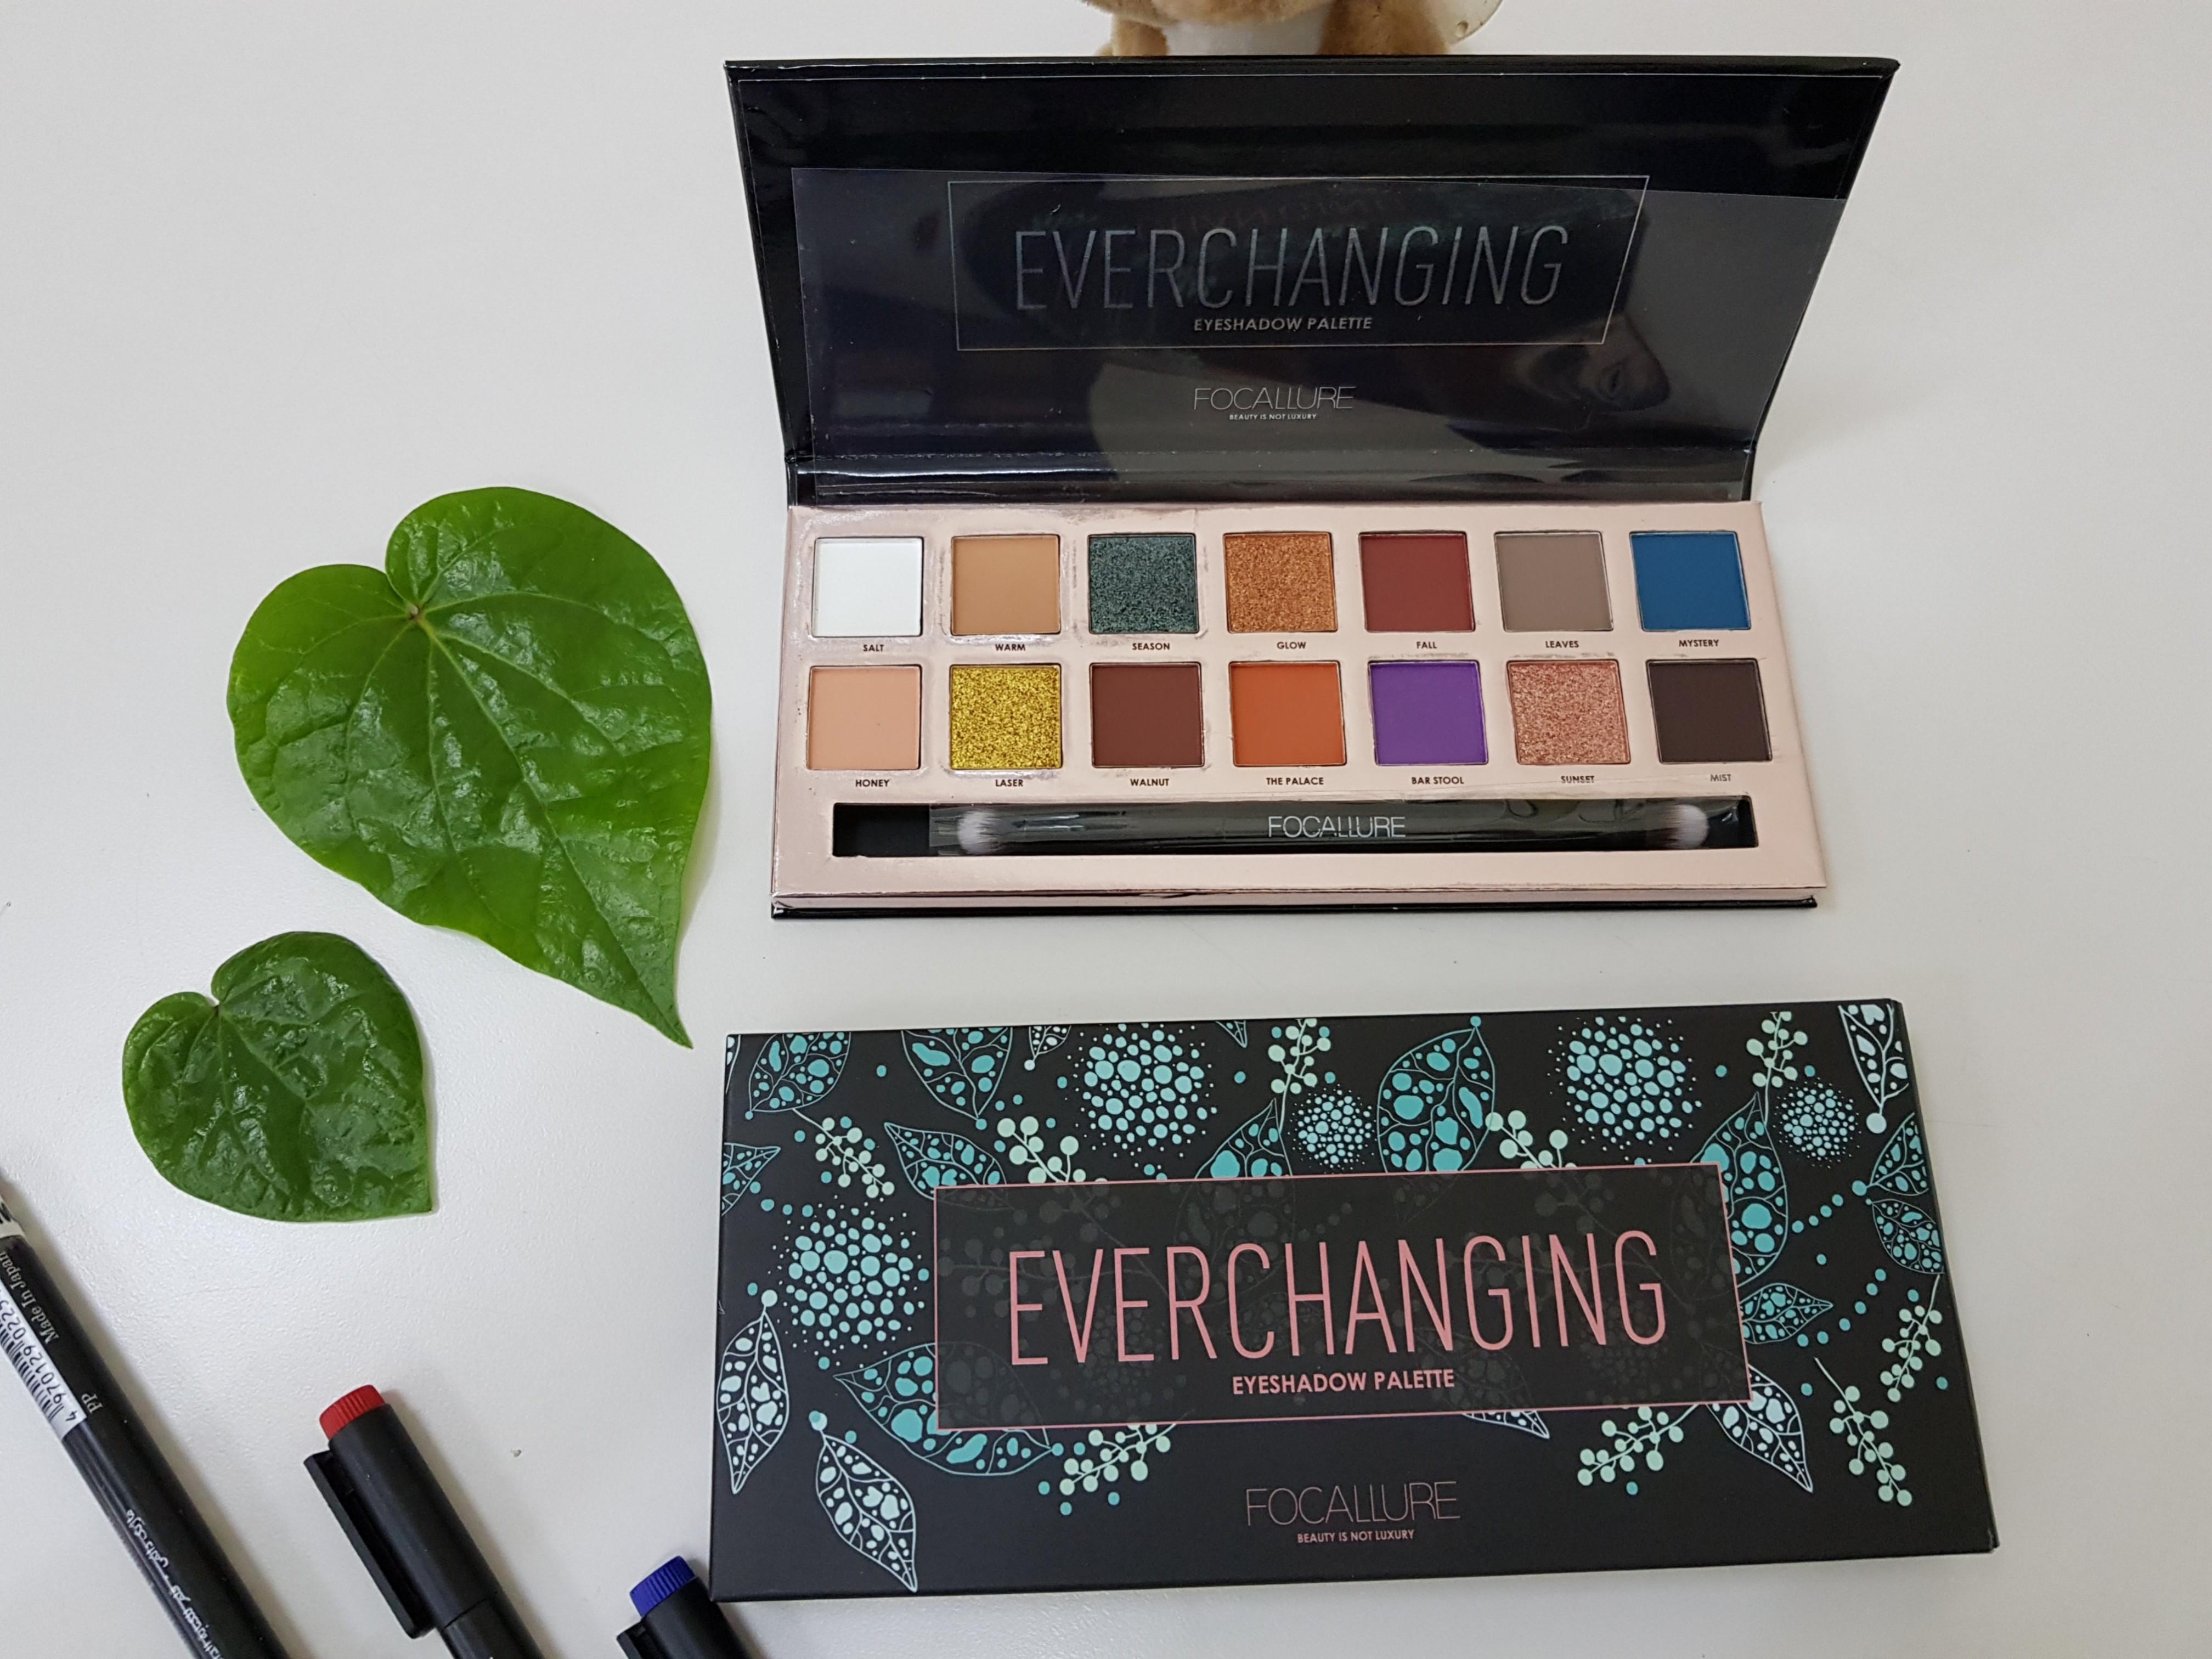 Eyeshadow foccalure edisi EVERCHANGING